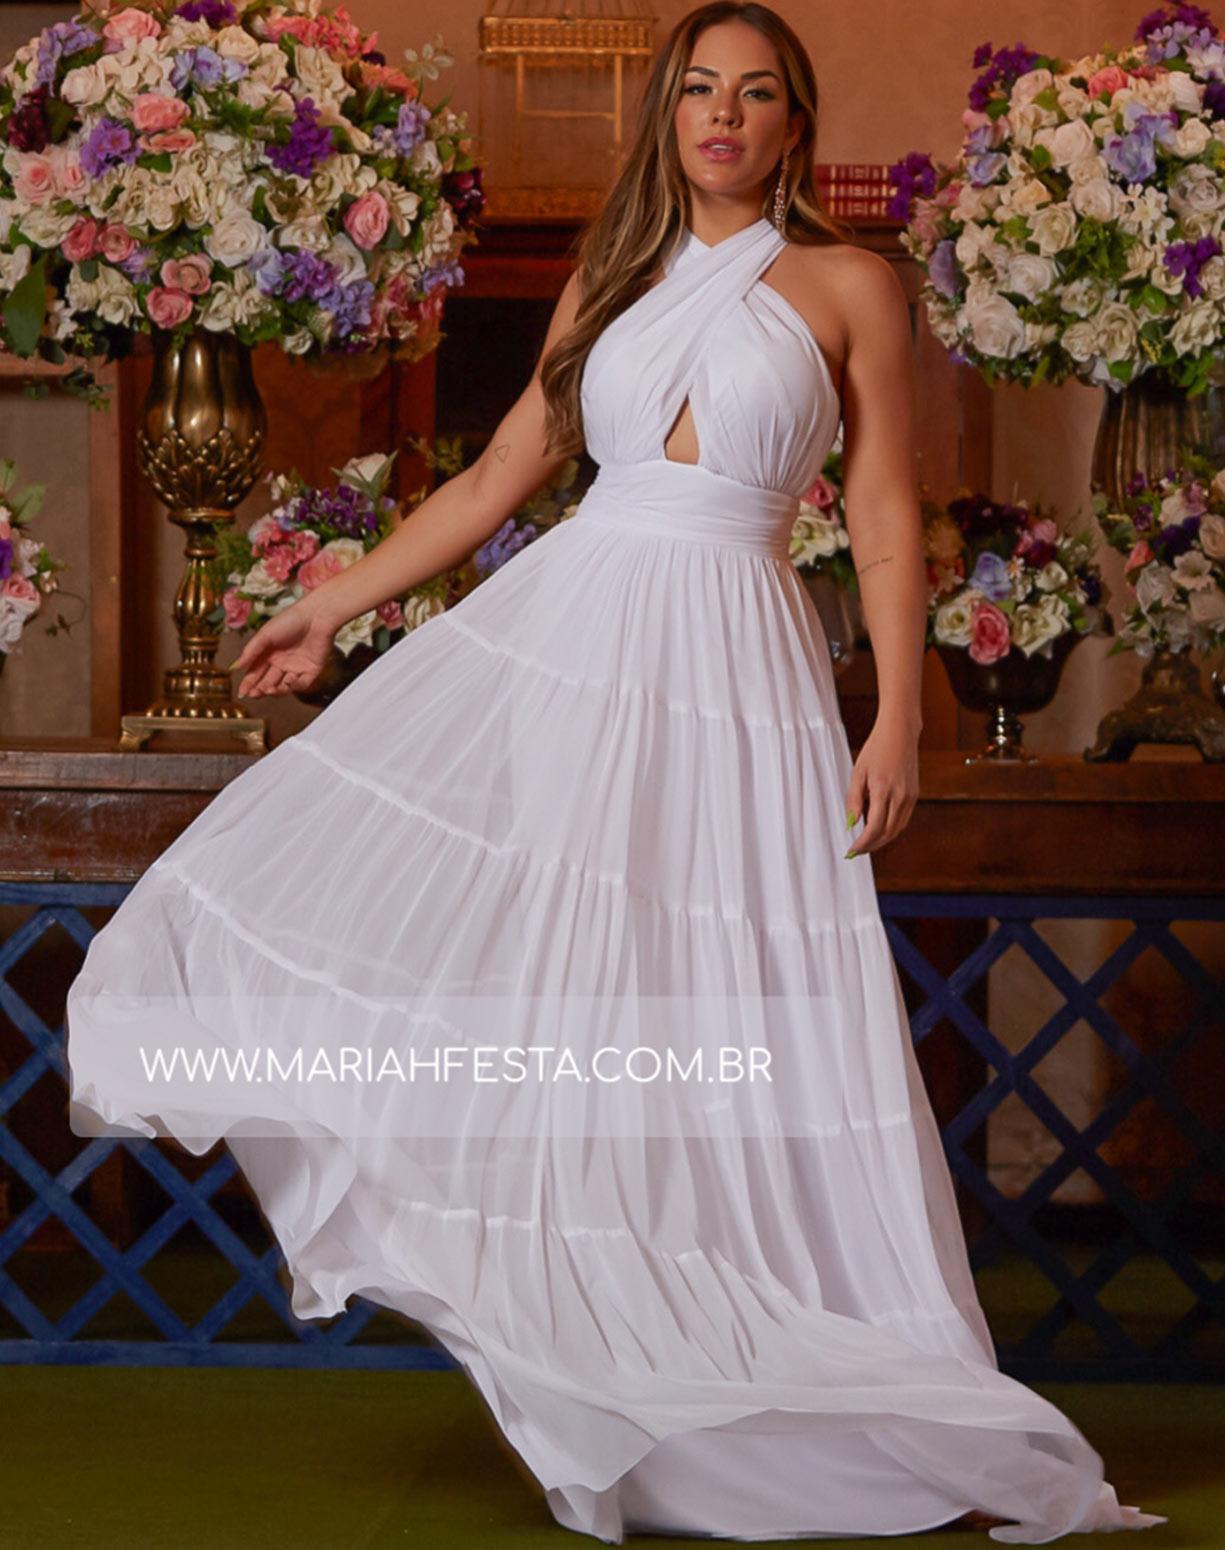 Vestido Branco em Tule com Alças Transpassadas